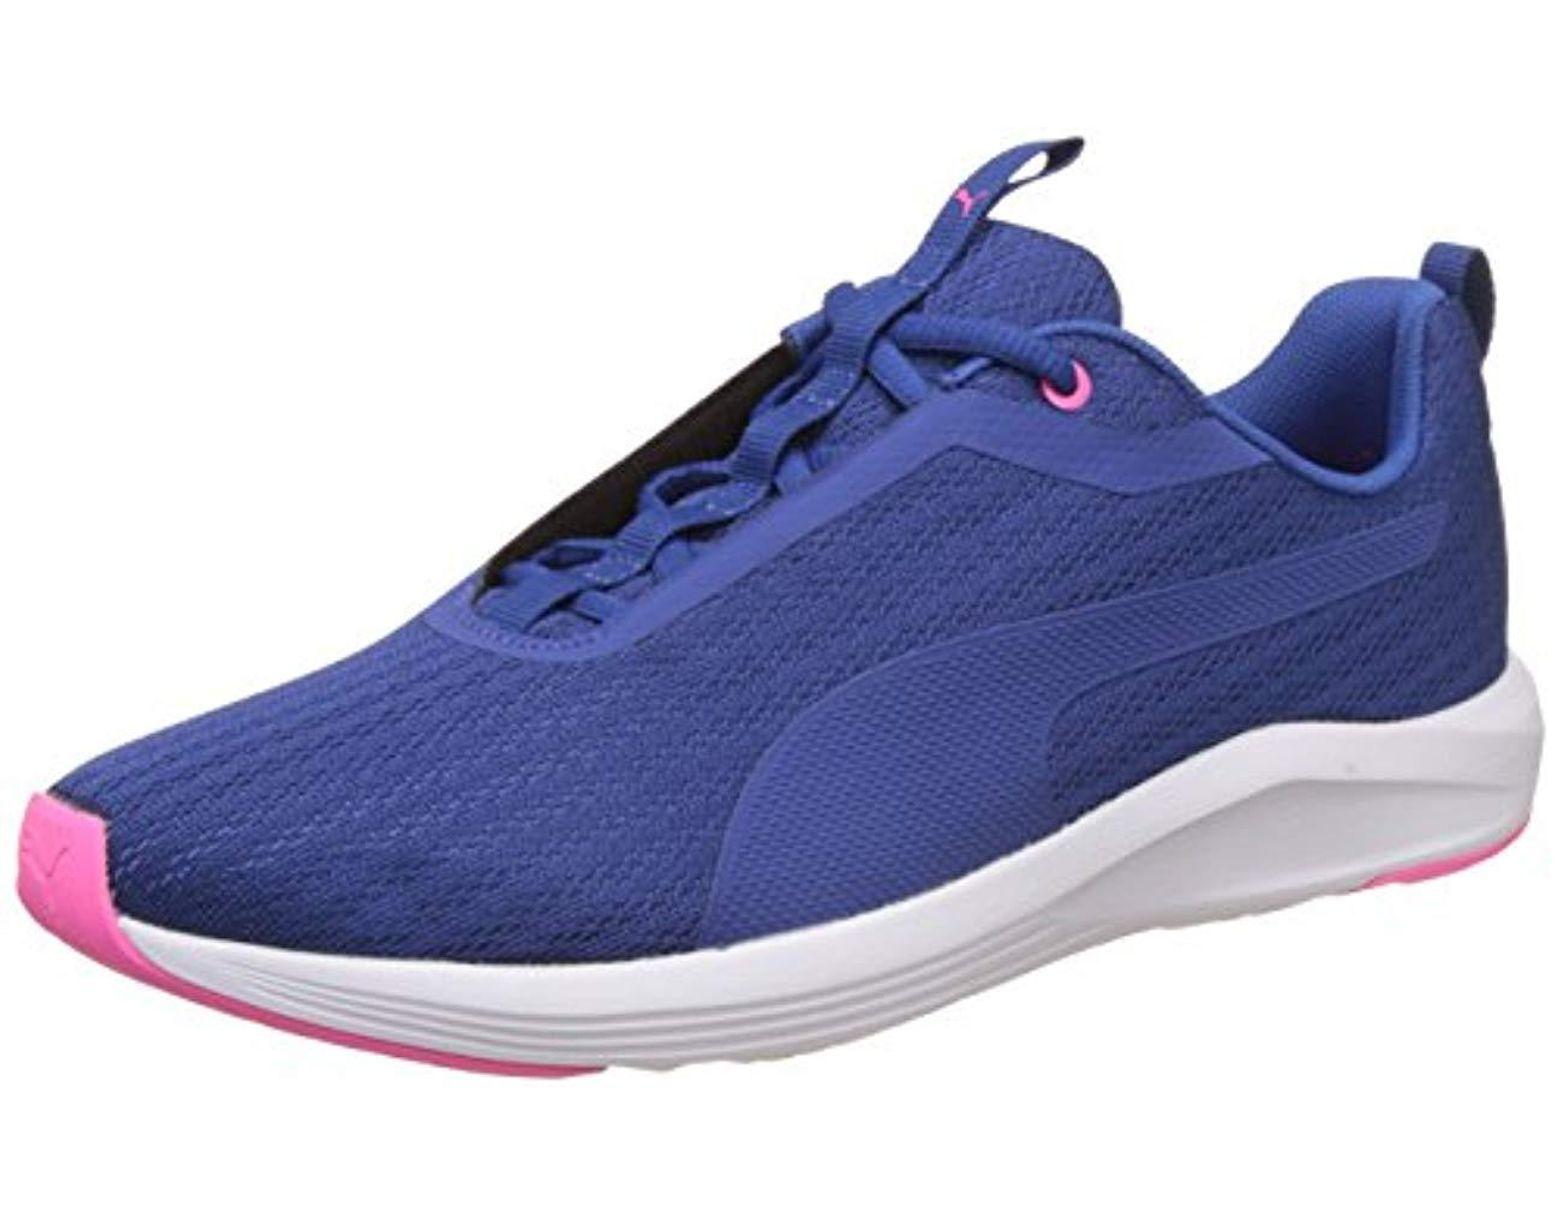 baf992fd0e3ab Women's Running Shoes Blue Blue